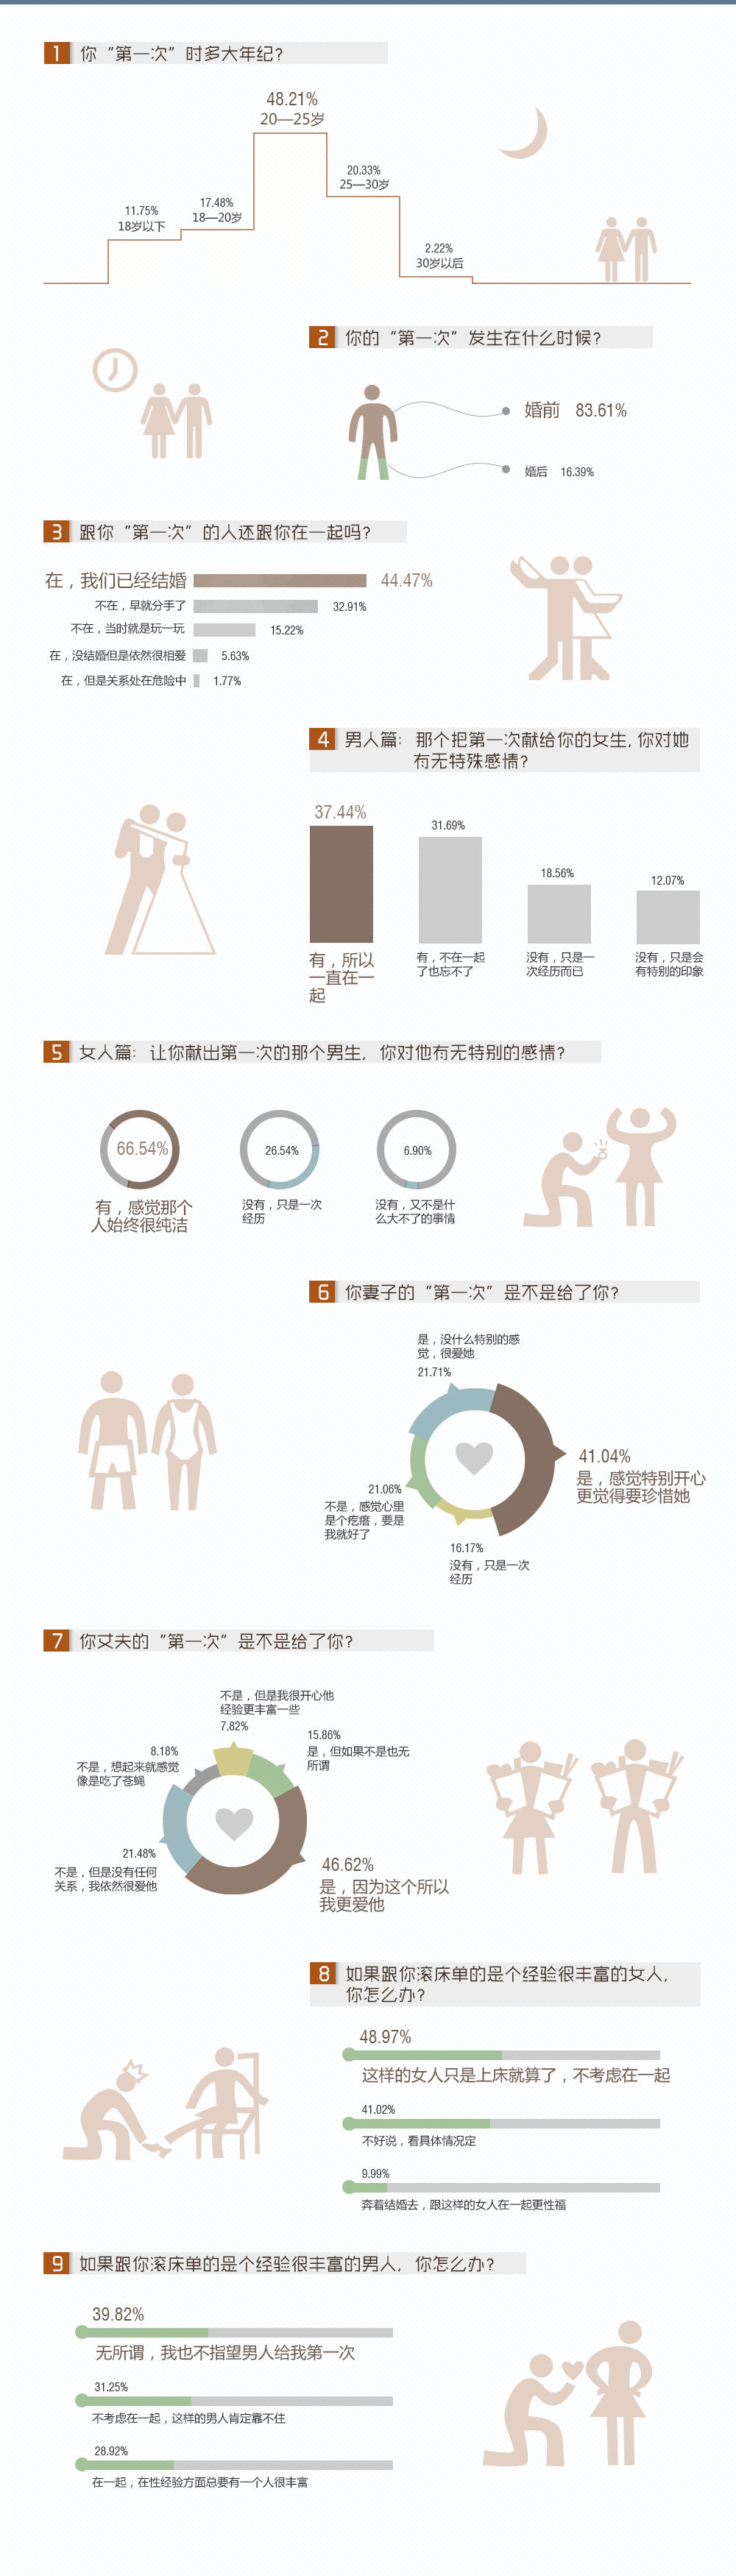 中国人的第一次调查图表